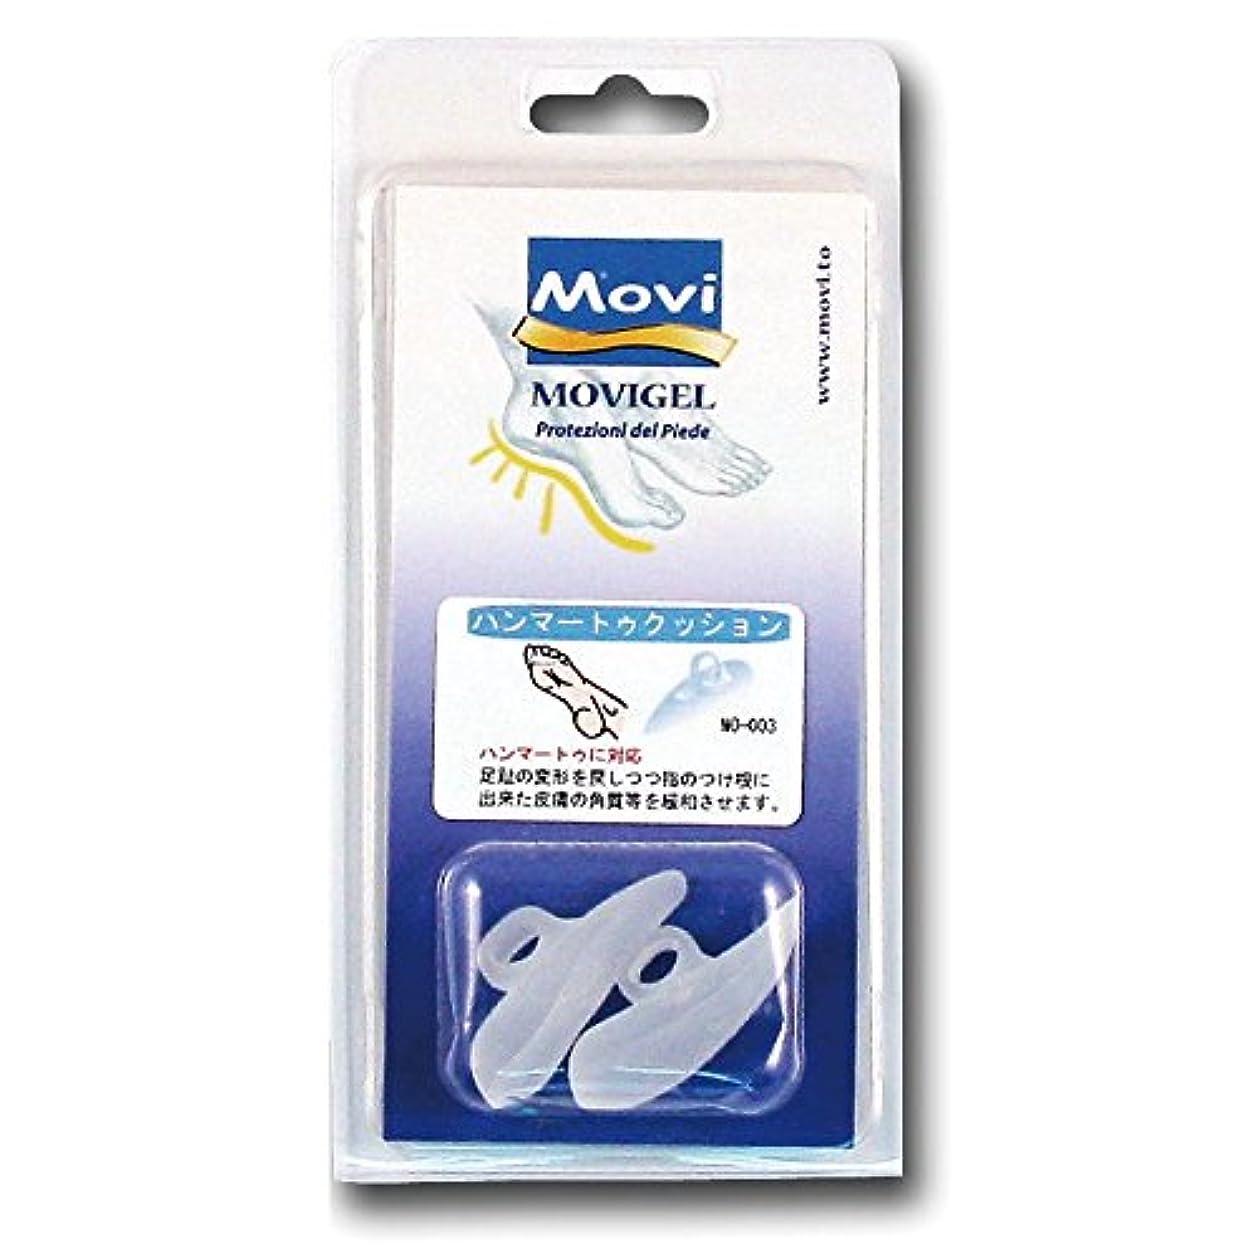 こだわりハイキングに行く背が高いMOVI GEL(モビフットケアシリーズ) サポートパッド ハンマートゥクッション MO-003